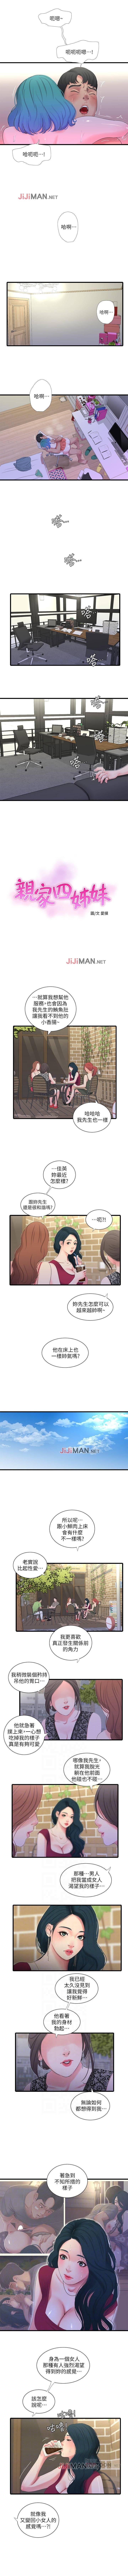 【周四连载】亲家四姐妹(作者:愛摸) 第1~31话 127